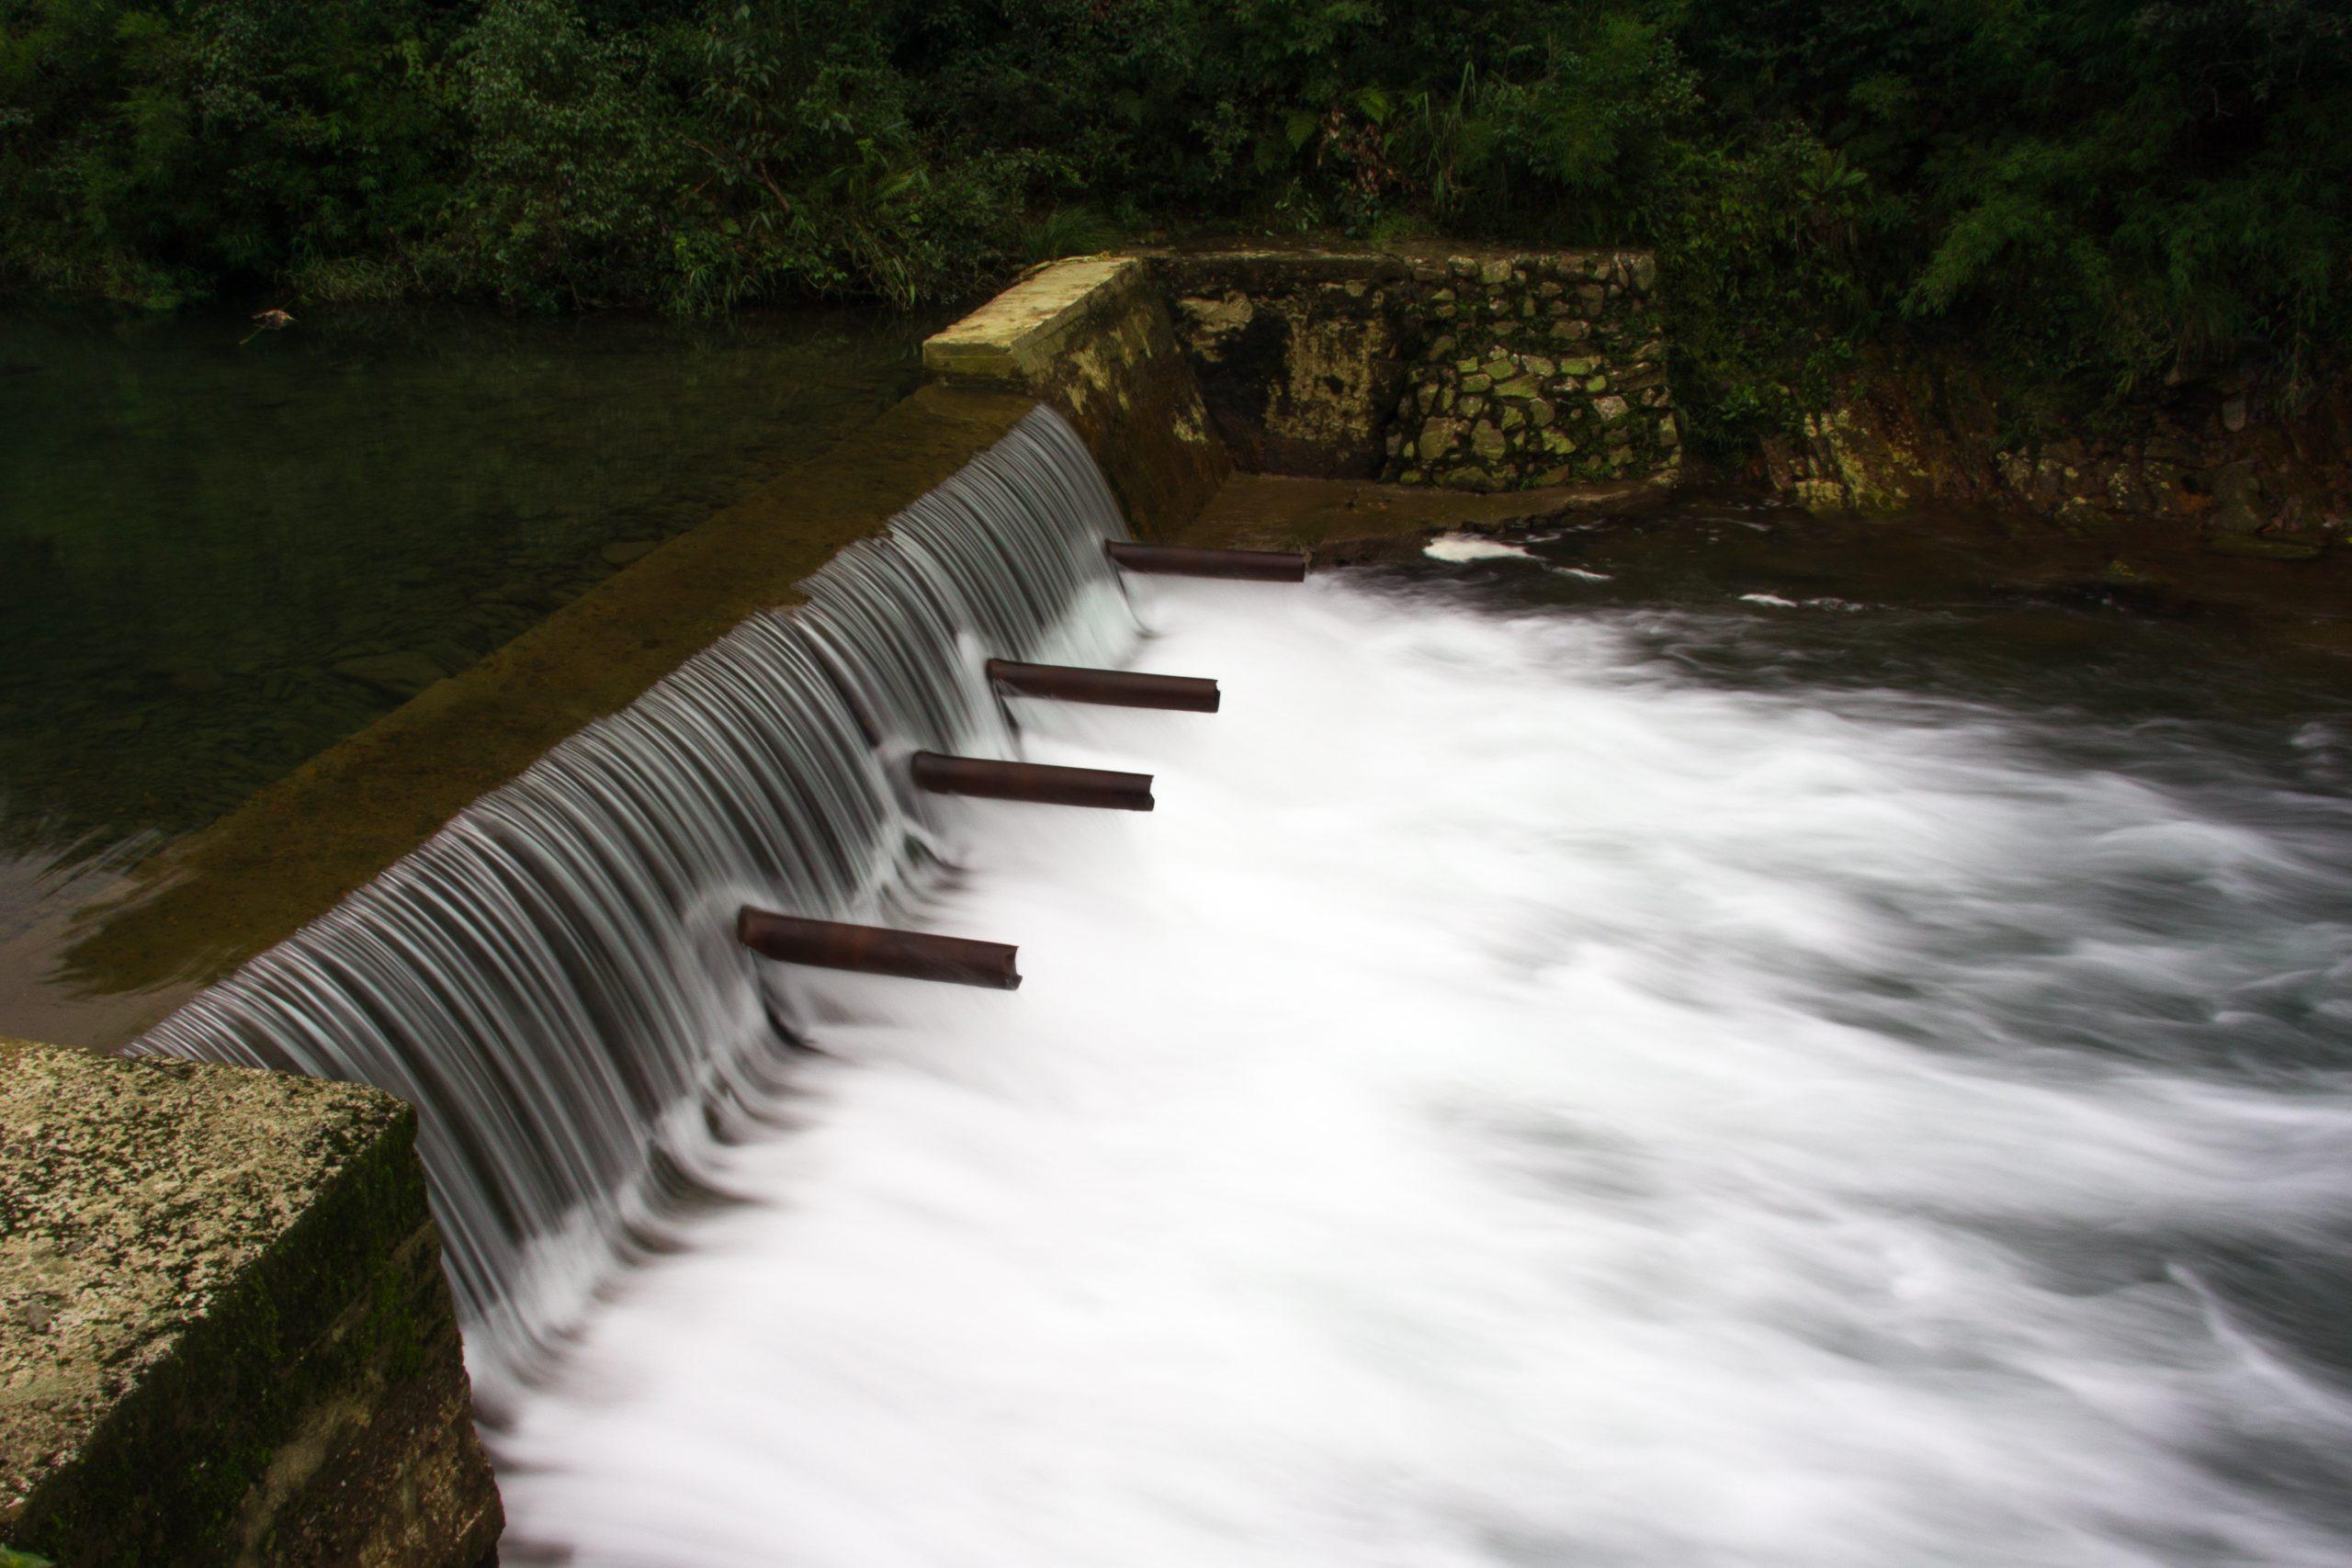 A mini water fall